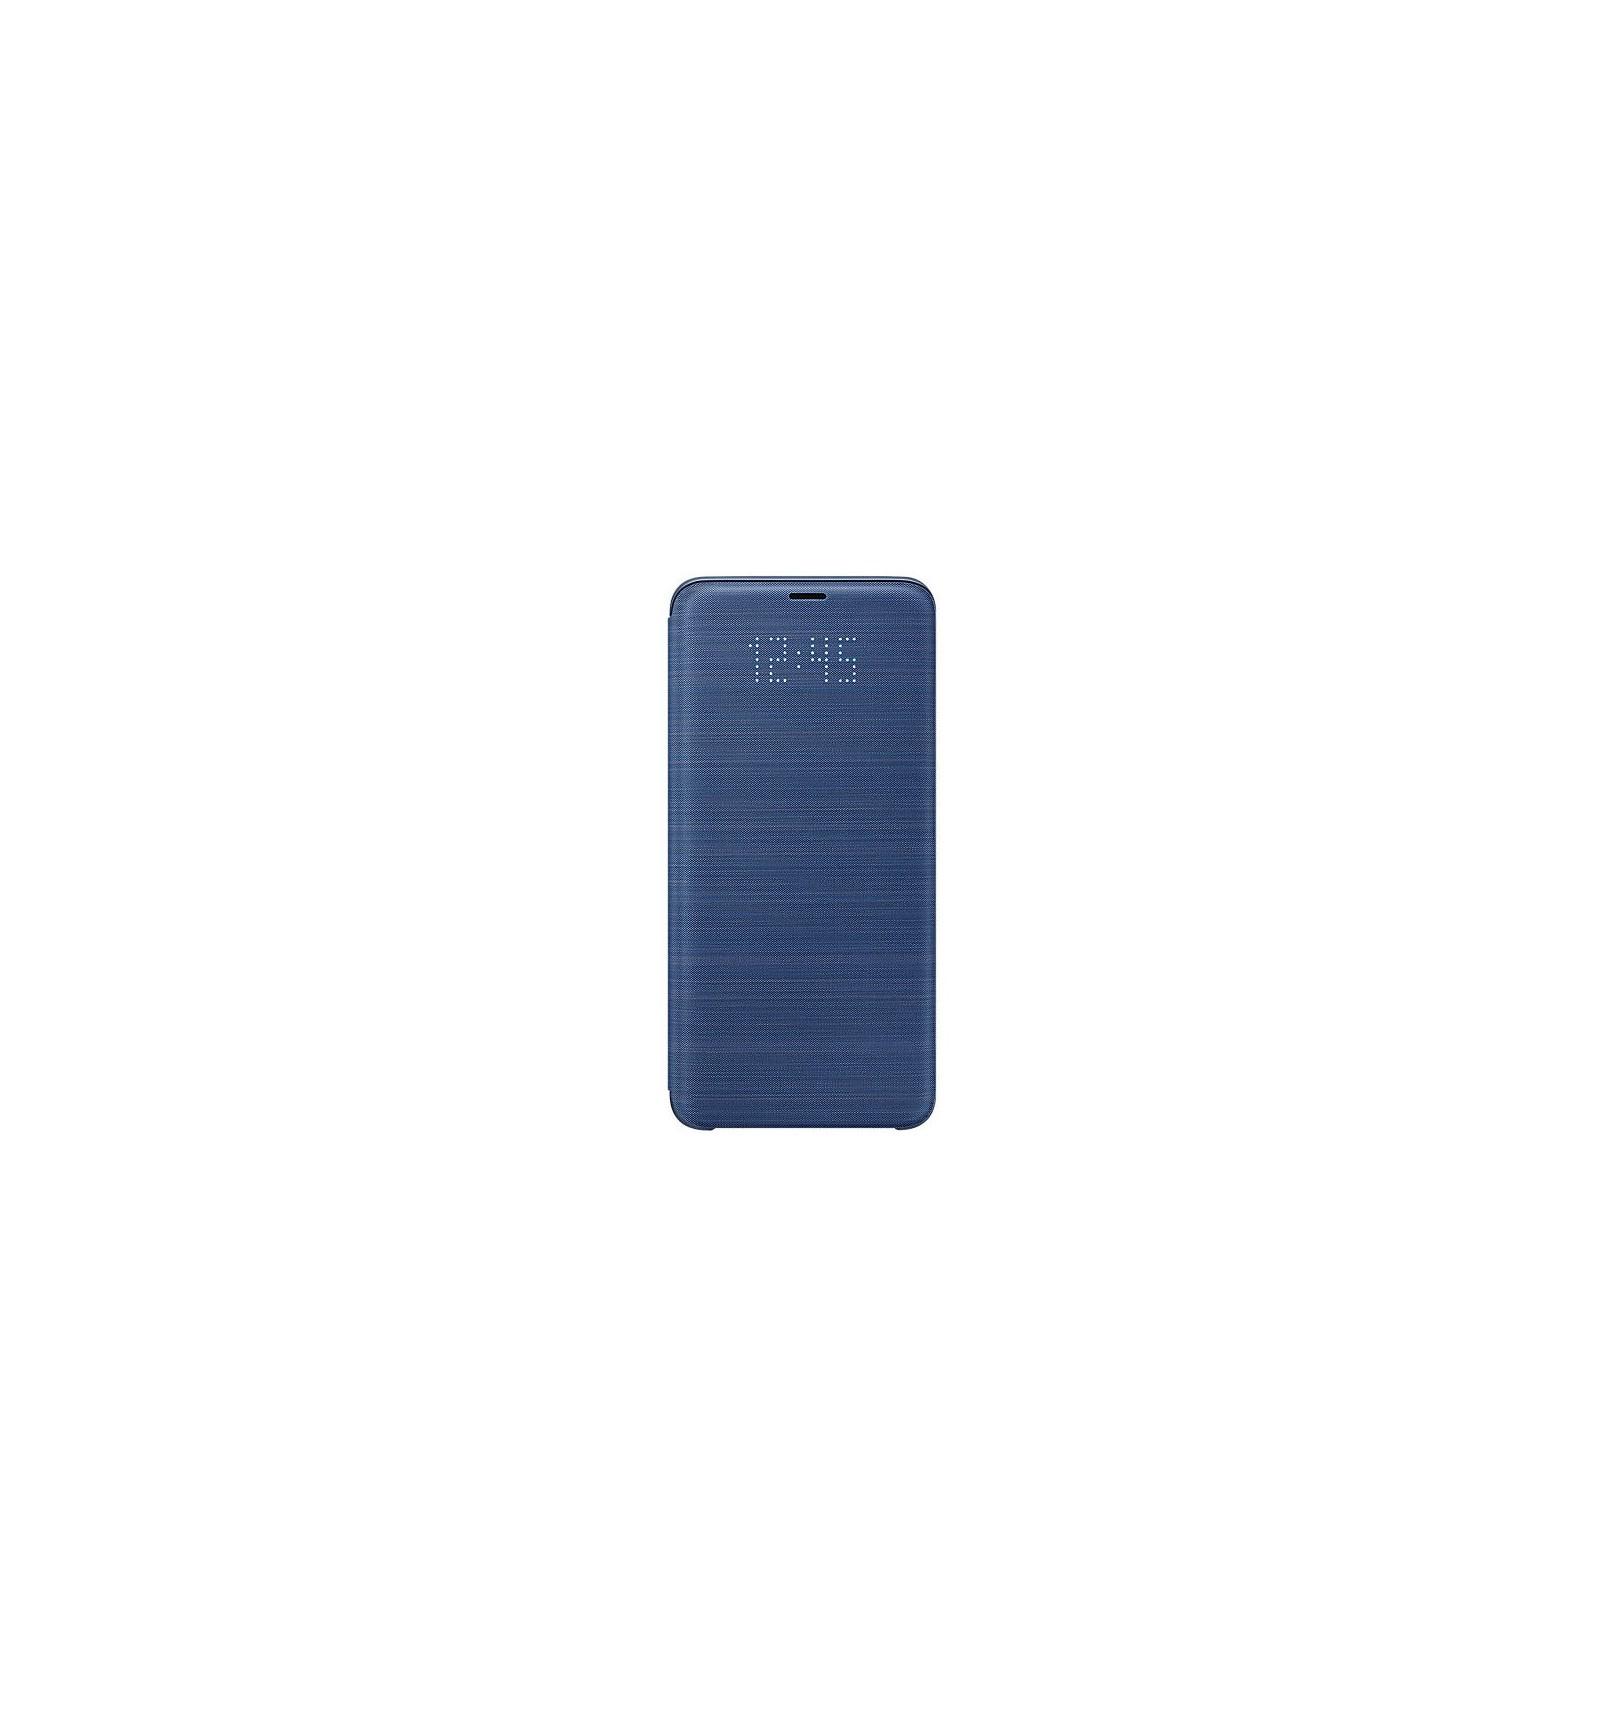 timeless design 95e4f 5d5e7 #419506 / #puzdro transparentné Samsung Galaxy S6 Edge G925F - Transparent  cover